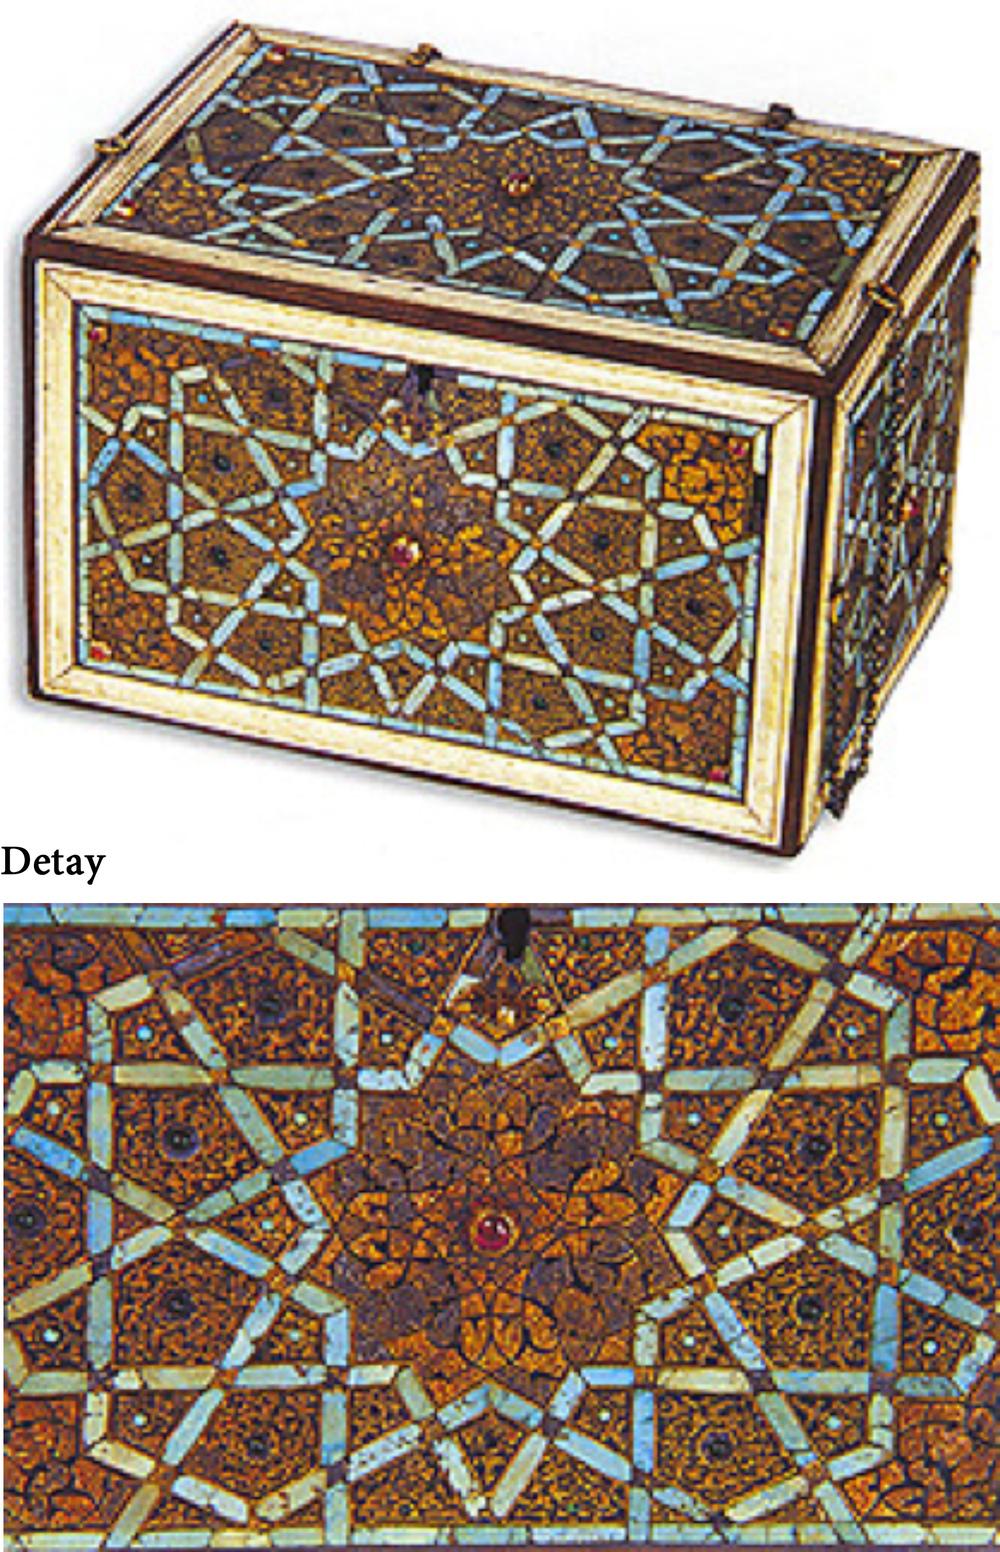 Firuzeli Ahşap Kutu, Osmanlı, 16. yüzyılın ilk yarısı, 16.5x11x11 cm, Env. no. T.S.M. 2/1850